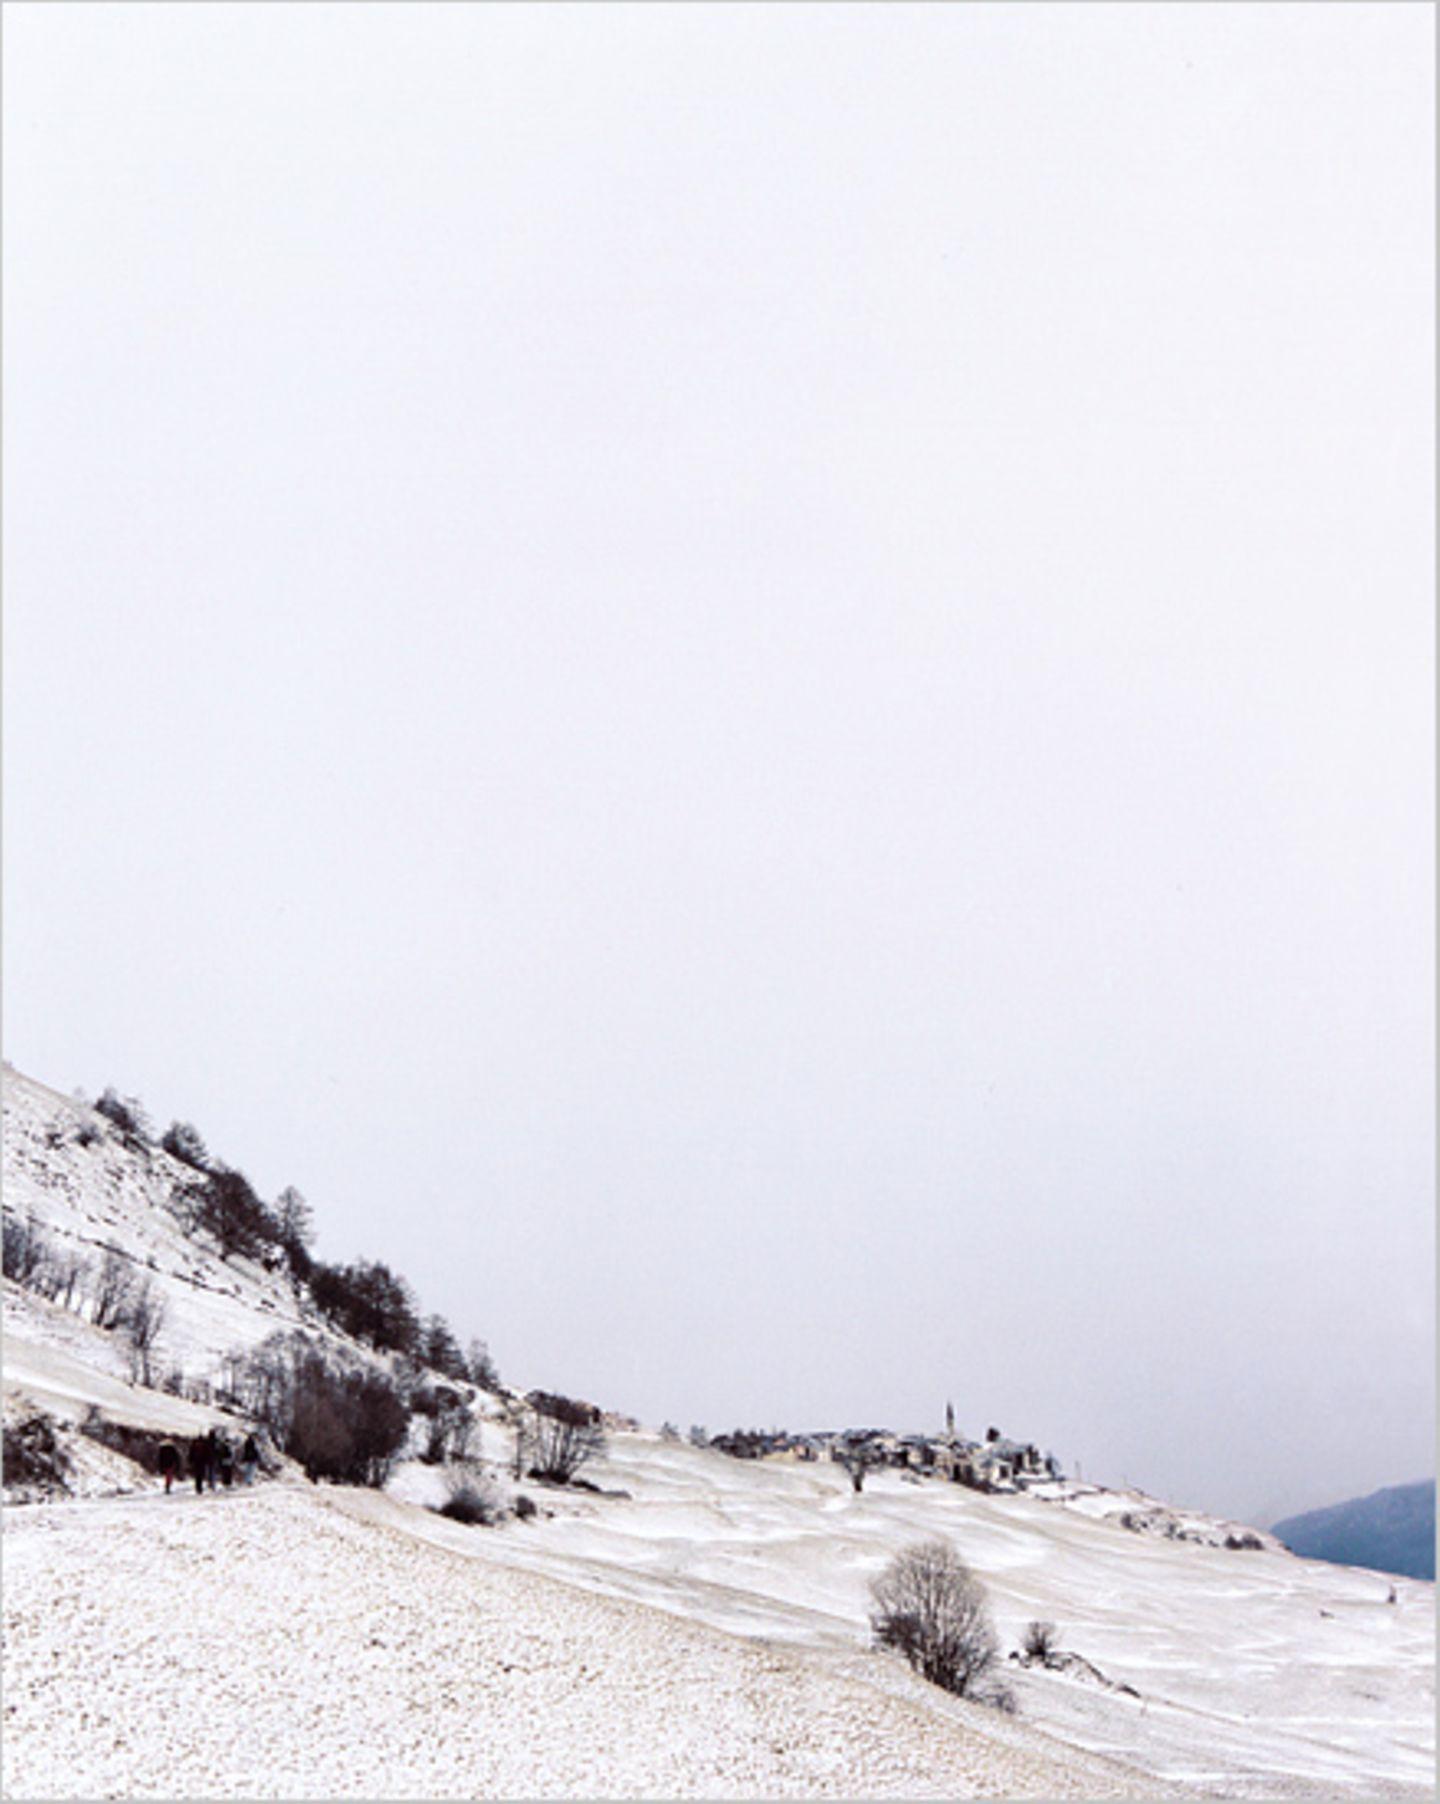 Schweizer Alpen: Winterwandern im Unterengadin - Bild 4